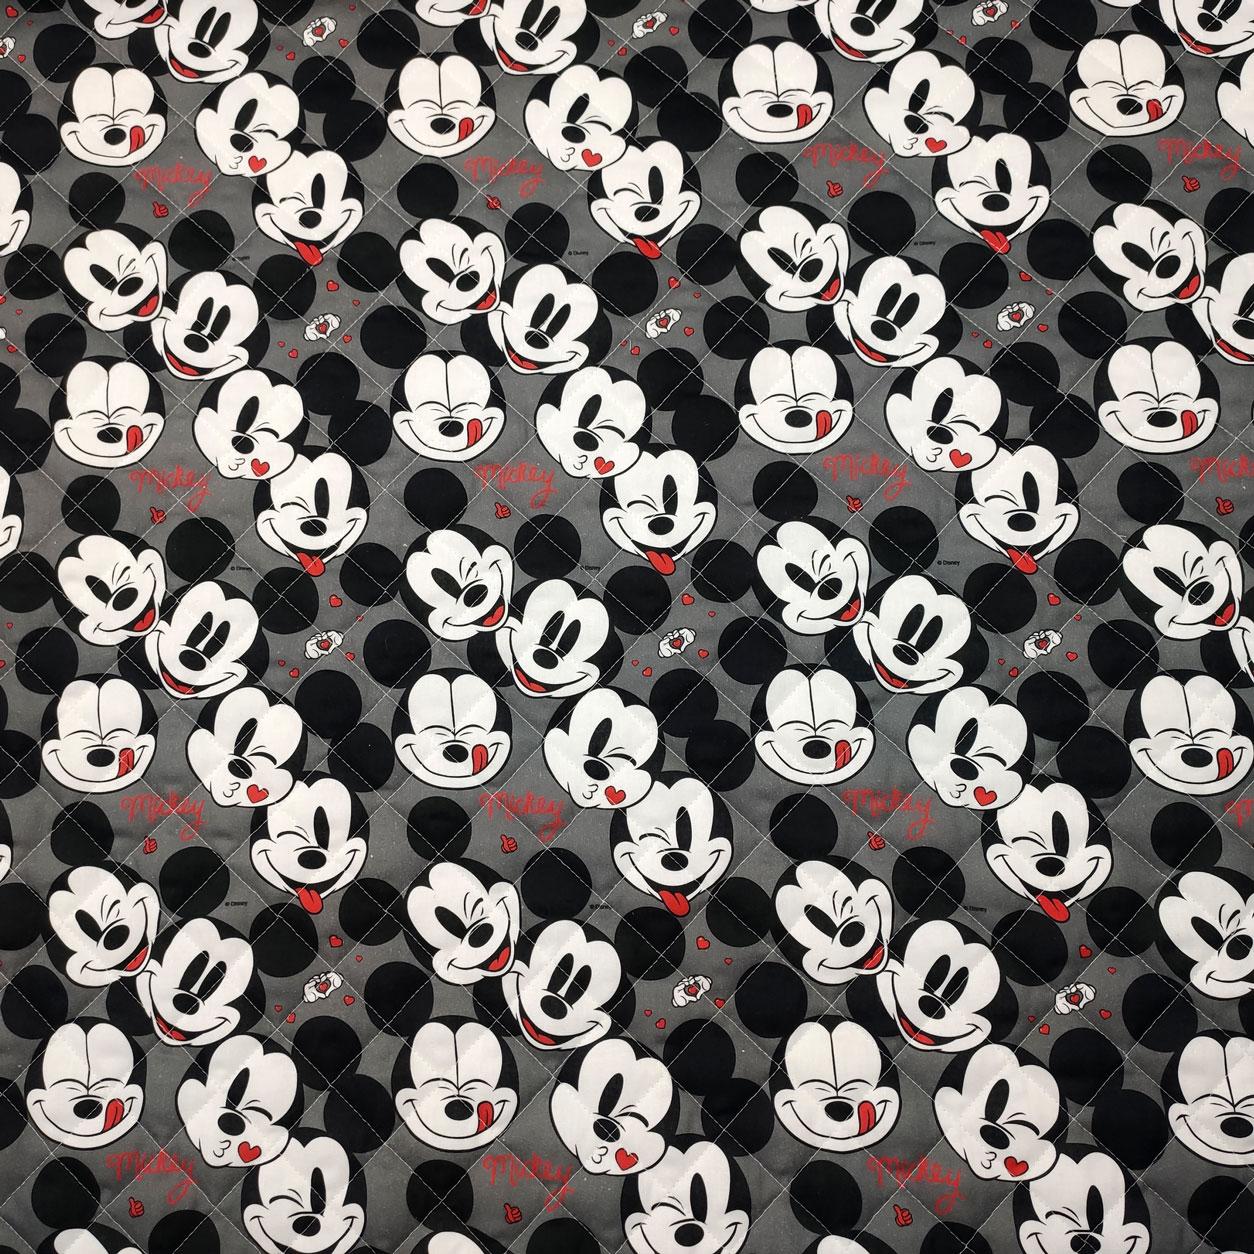 Trapunta Faccine Mickey Mouse Grigio